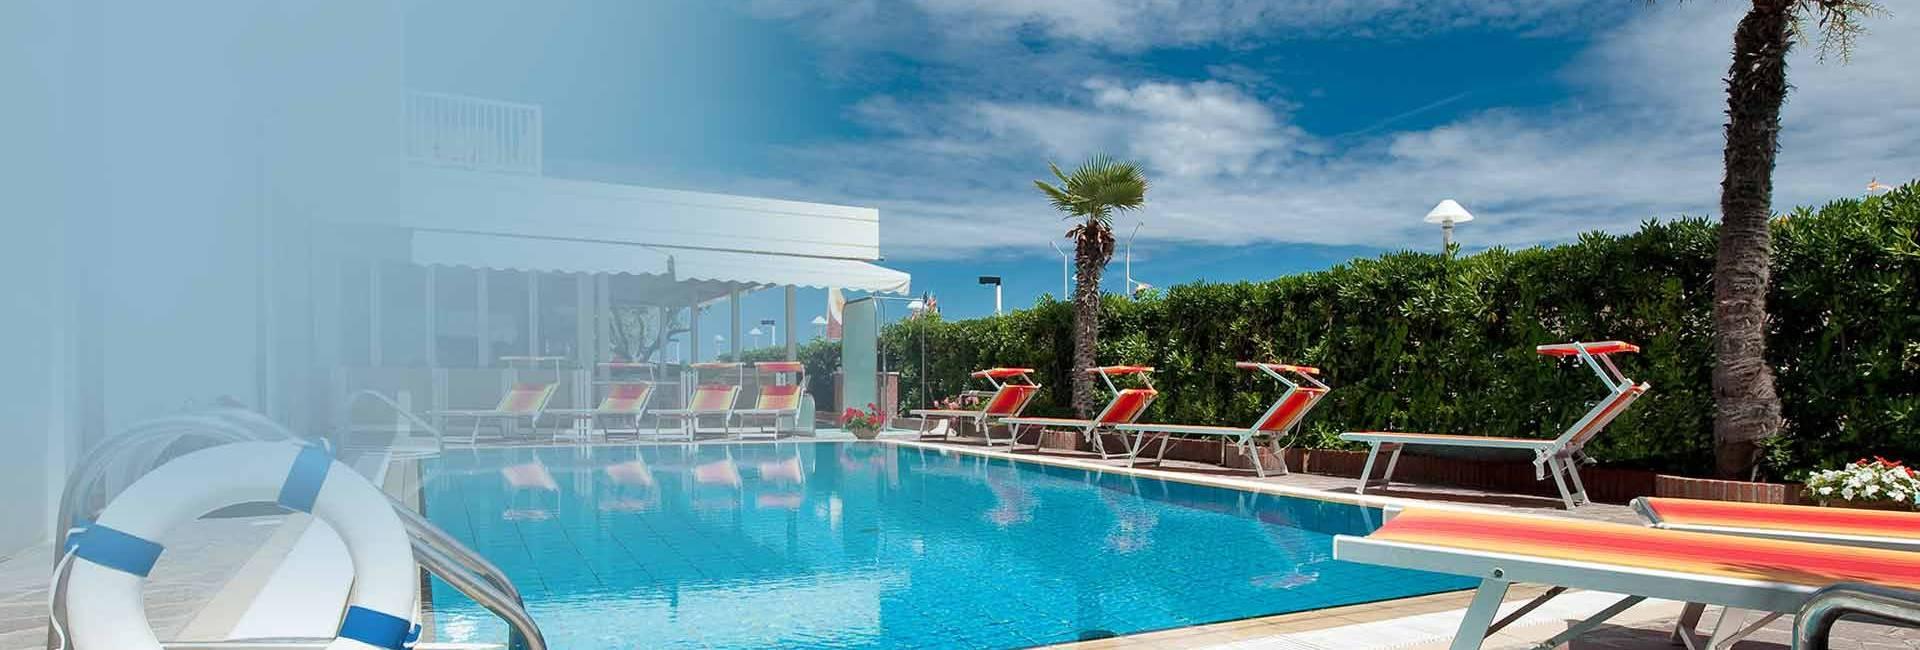 All'hotel Gemma <br><b>HAI TUTTO</b> <br>intorno a te